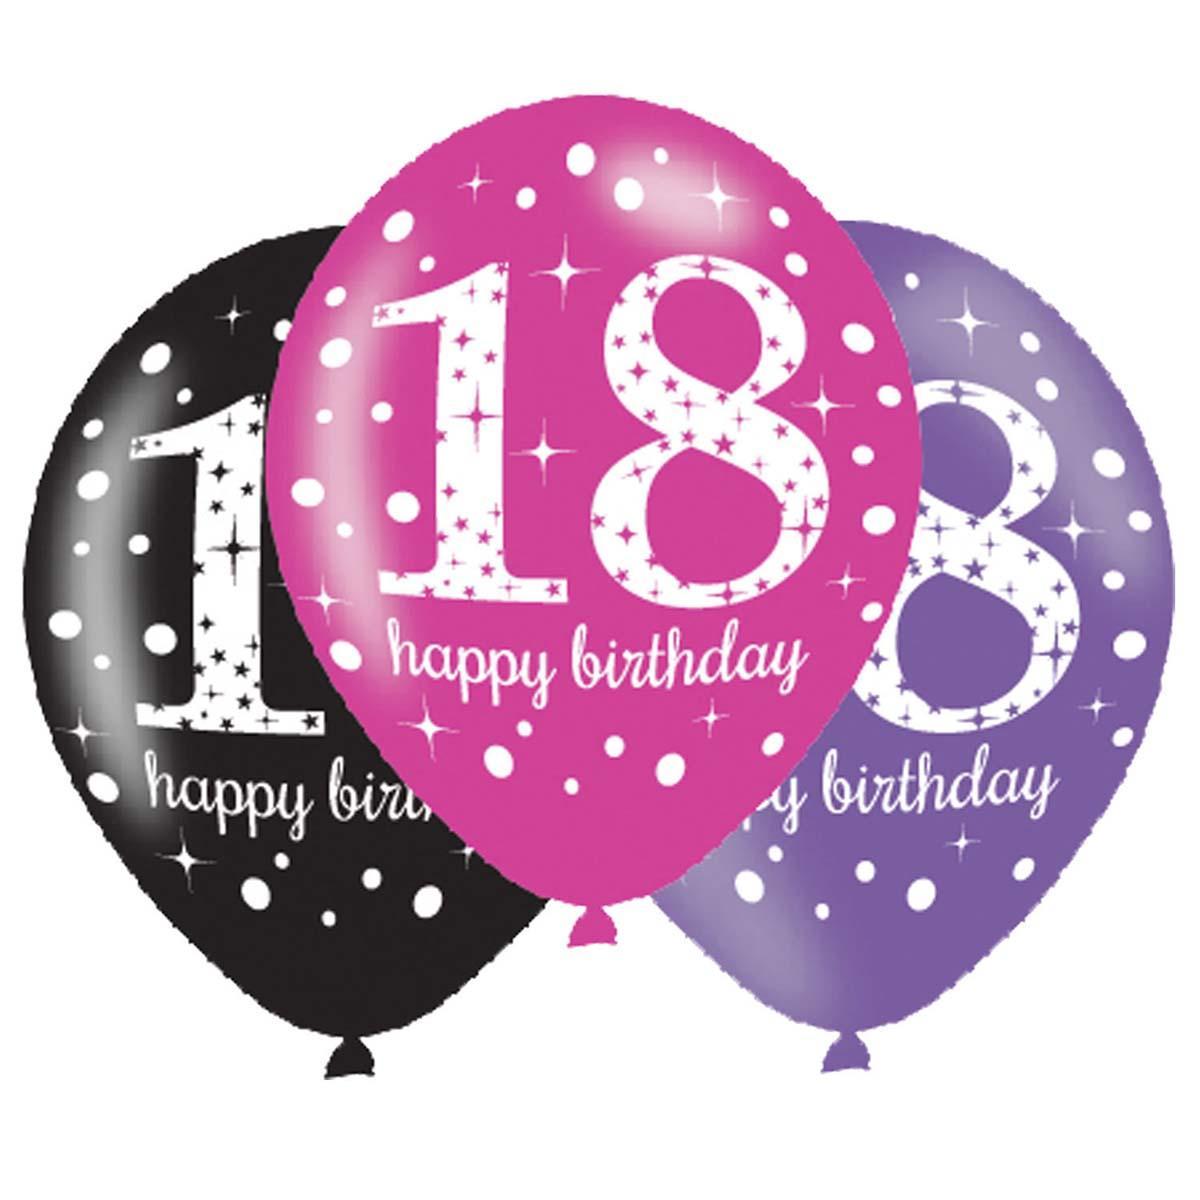 BALONI HAPPY BIRTHDAY 18